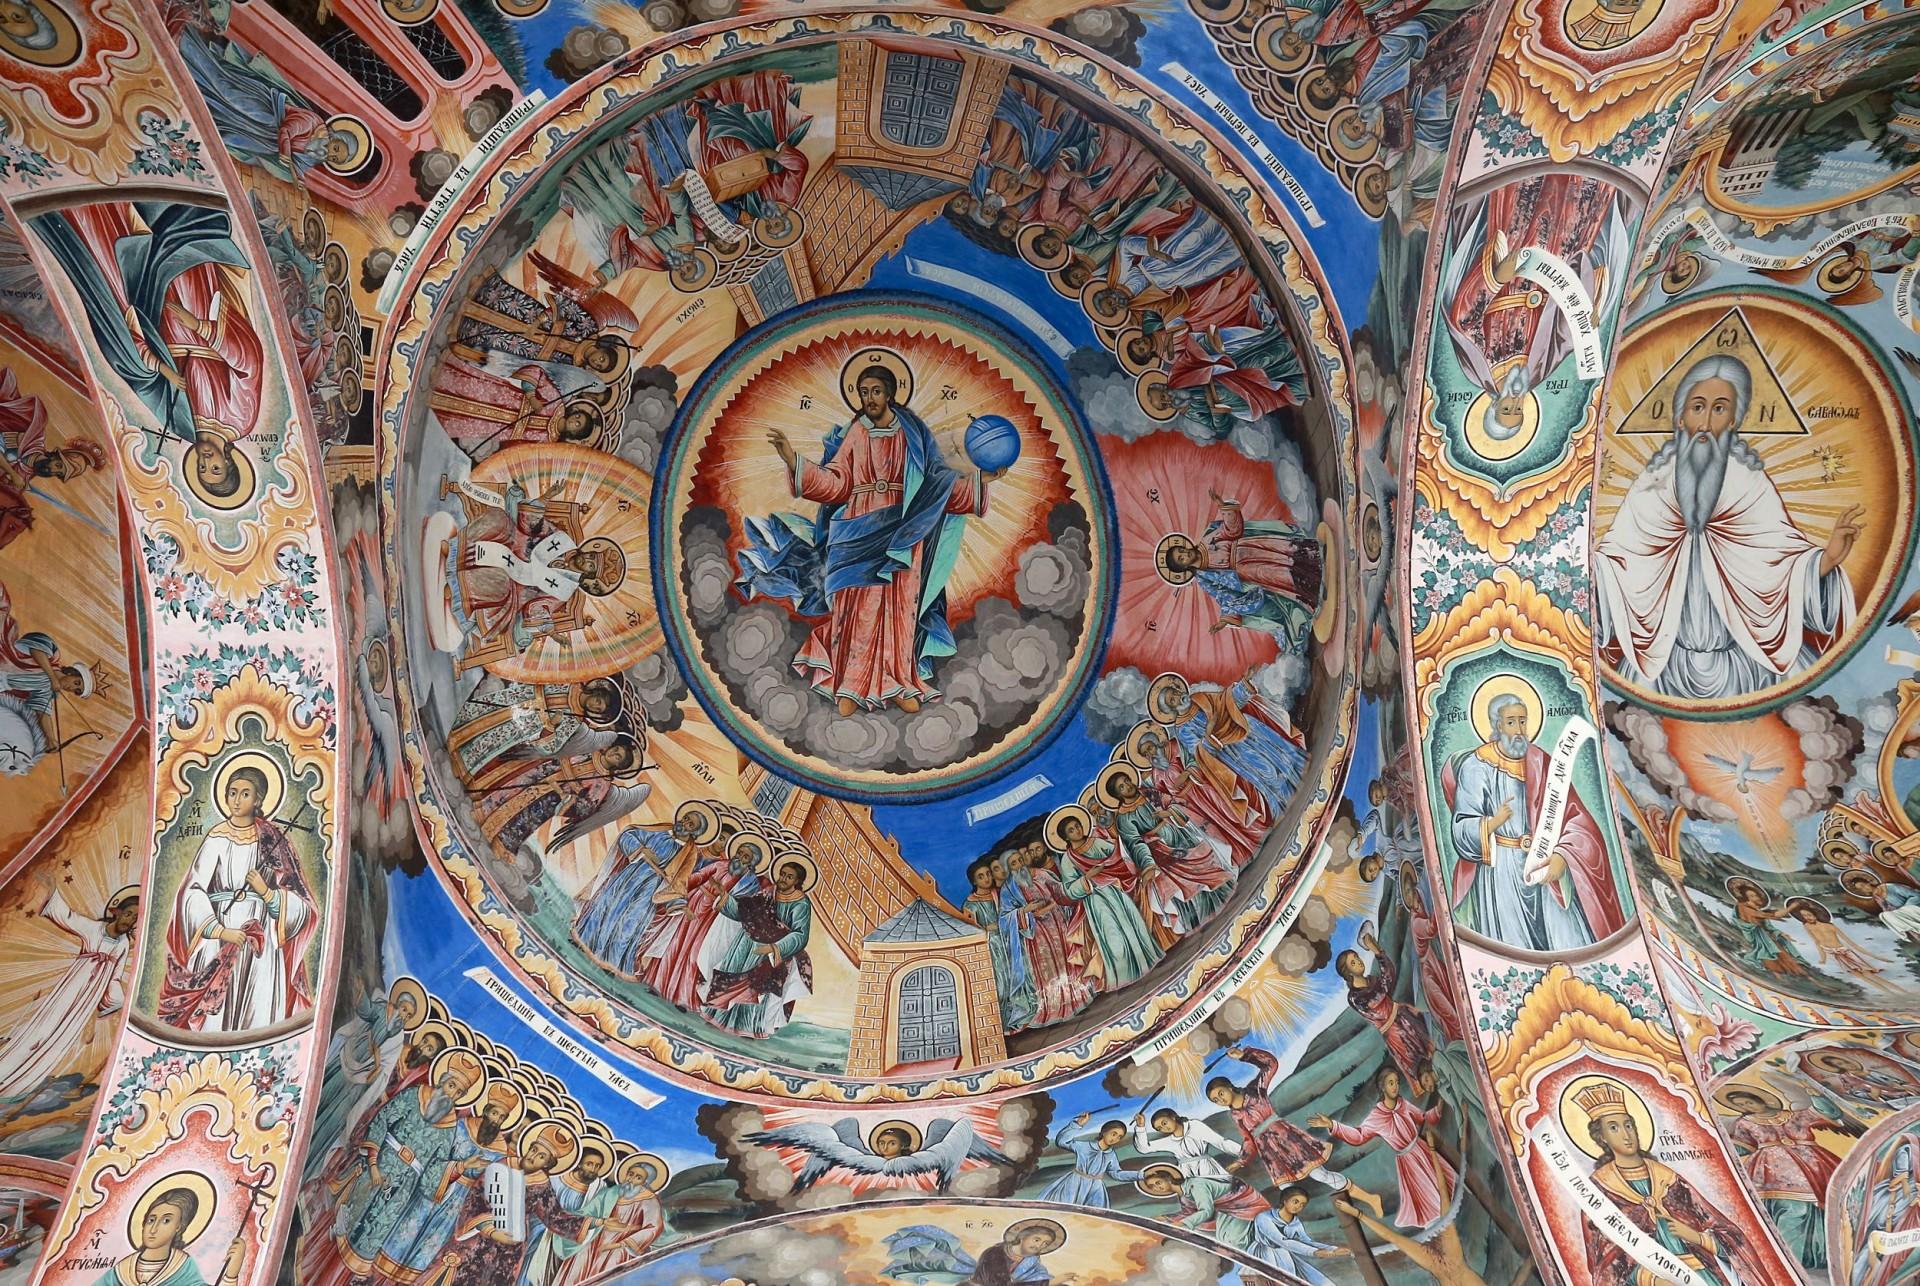 Rila (Bulgaria) - Gli affreschi del monastero del X secolo, patrimonio dell'Unesco (Tony Vece, Ag. Lara)